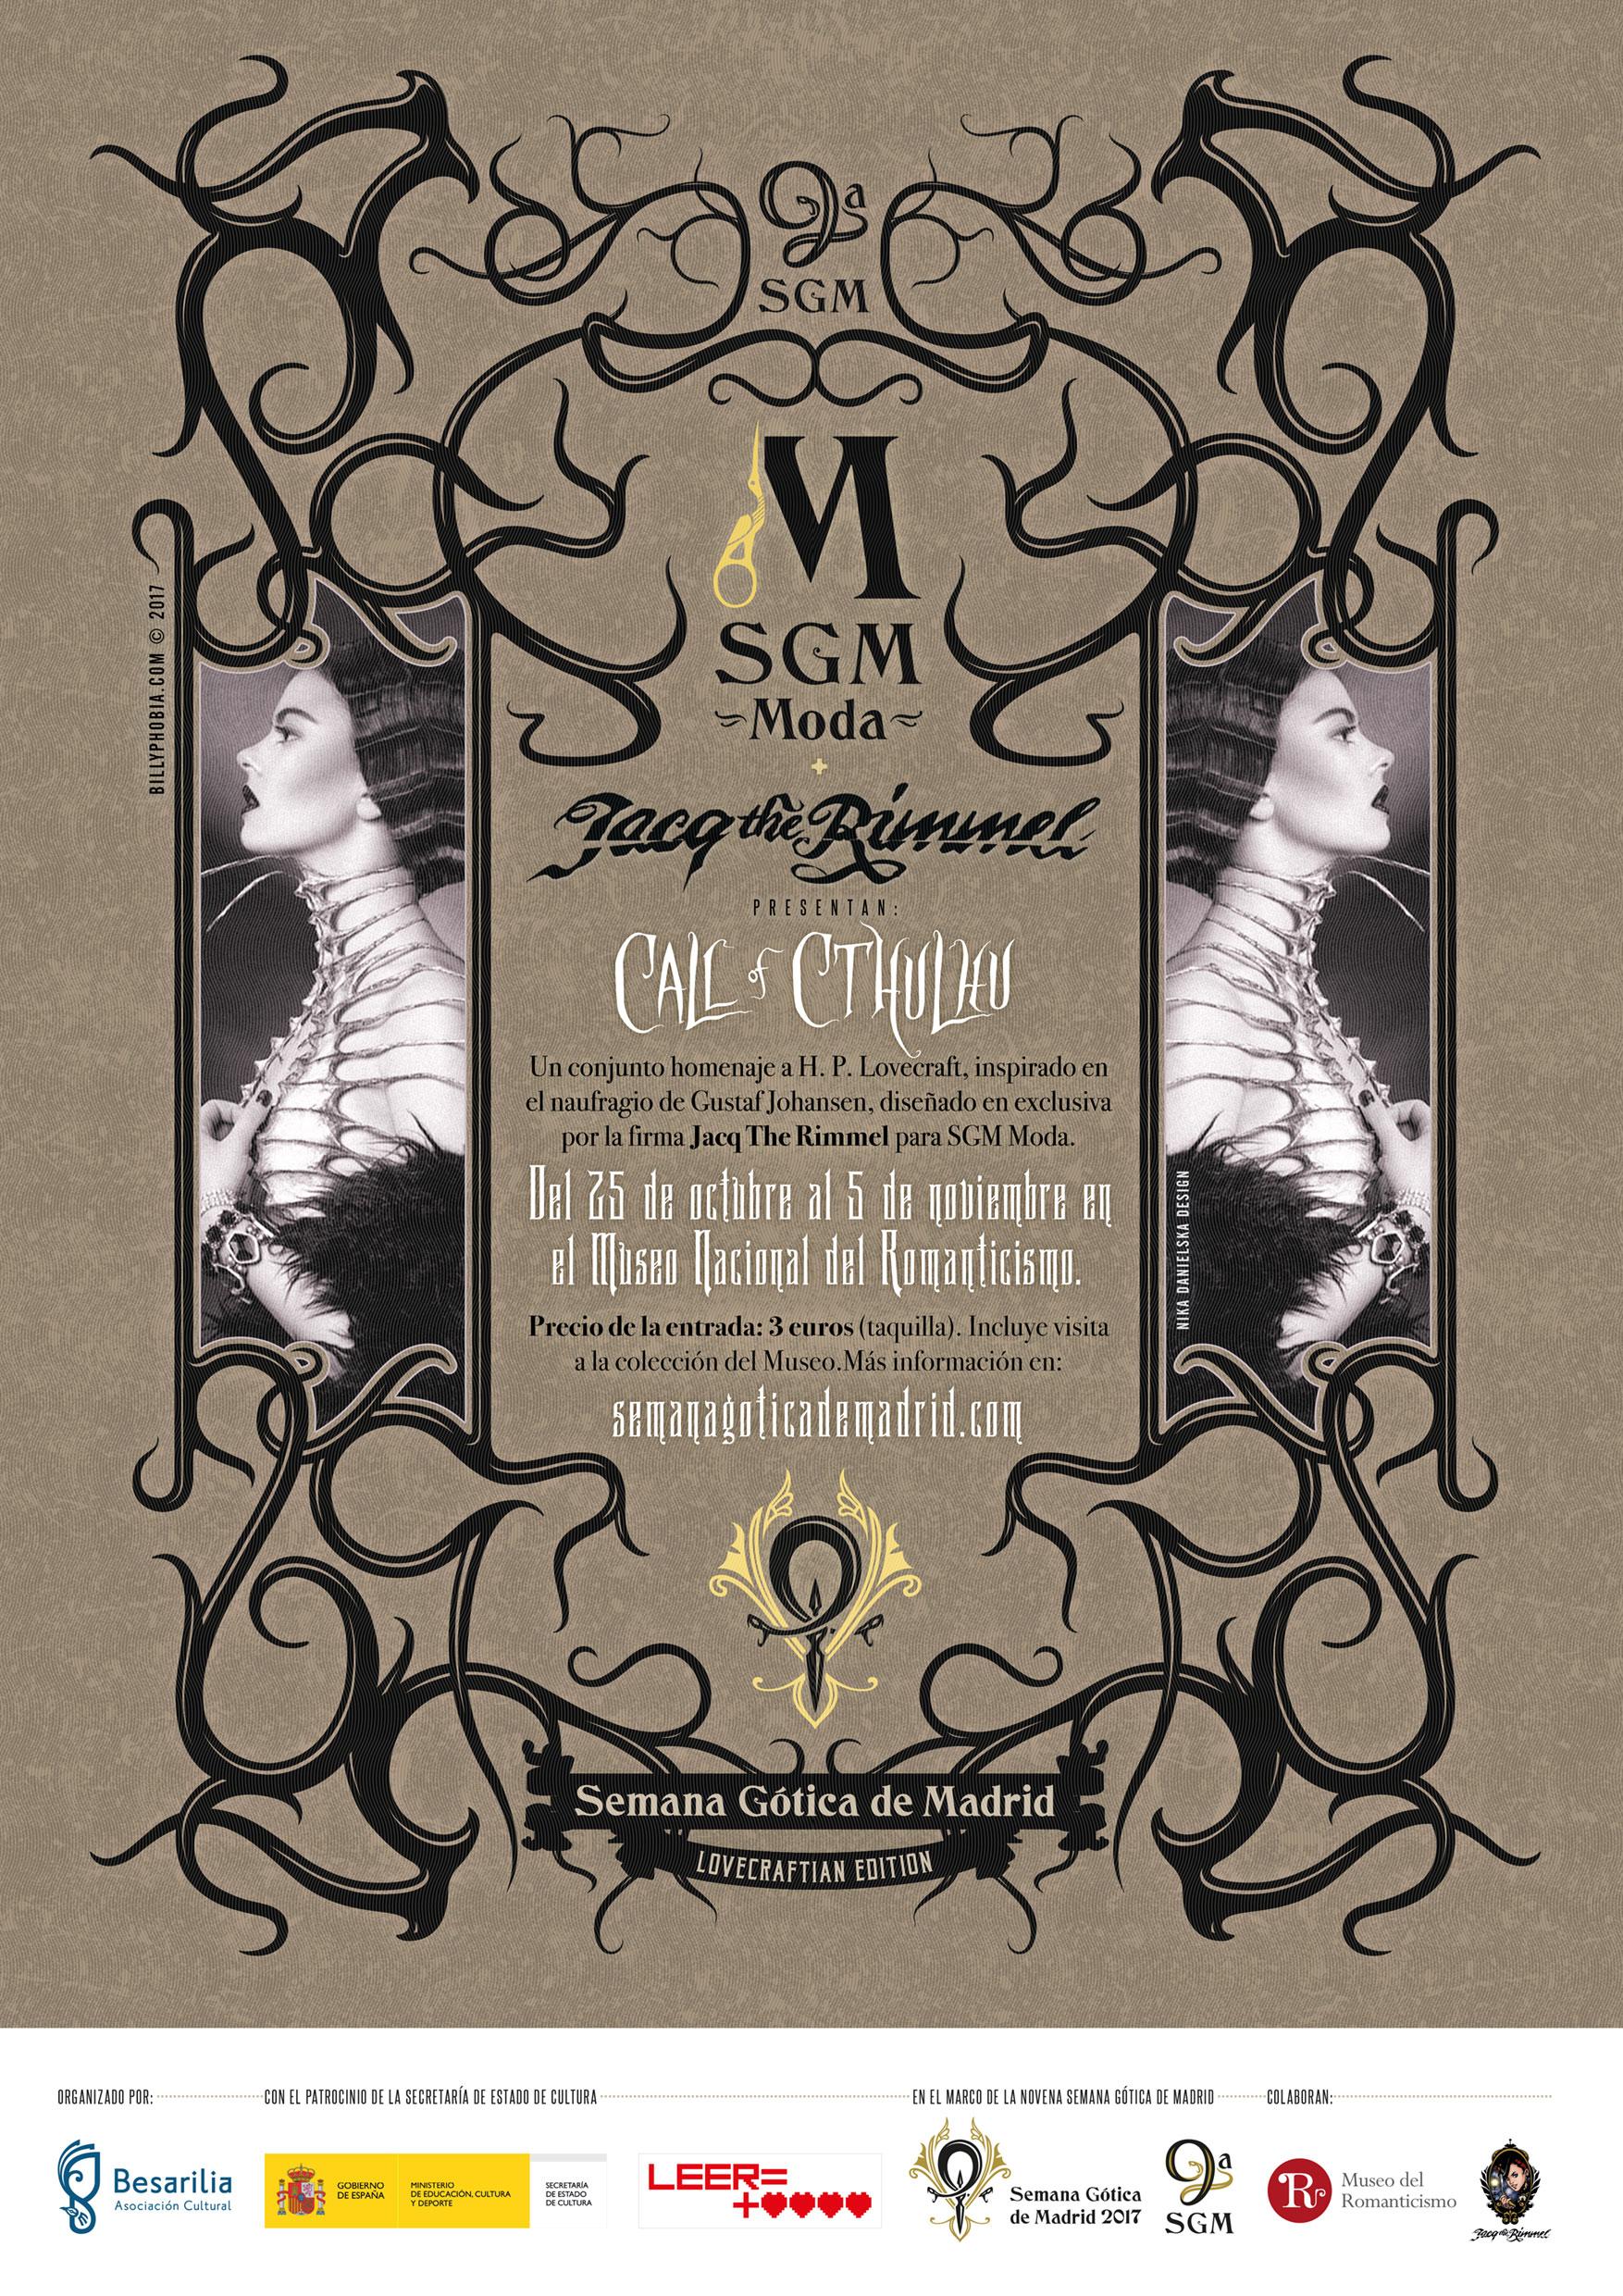 SGM Moda - 9ª Semana Gótica de Madrid - Cartel de Billyphobia © 2017